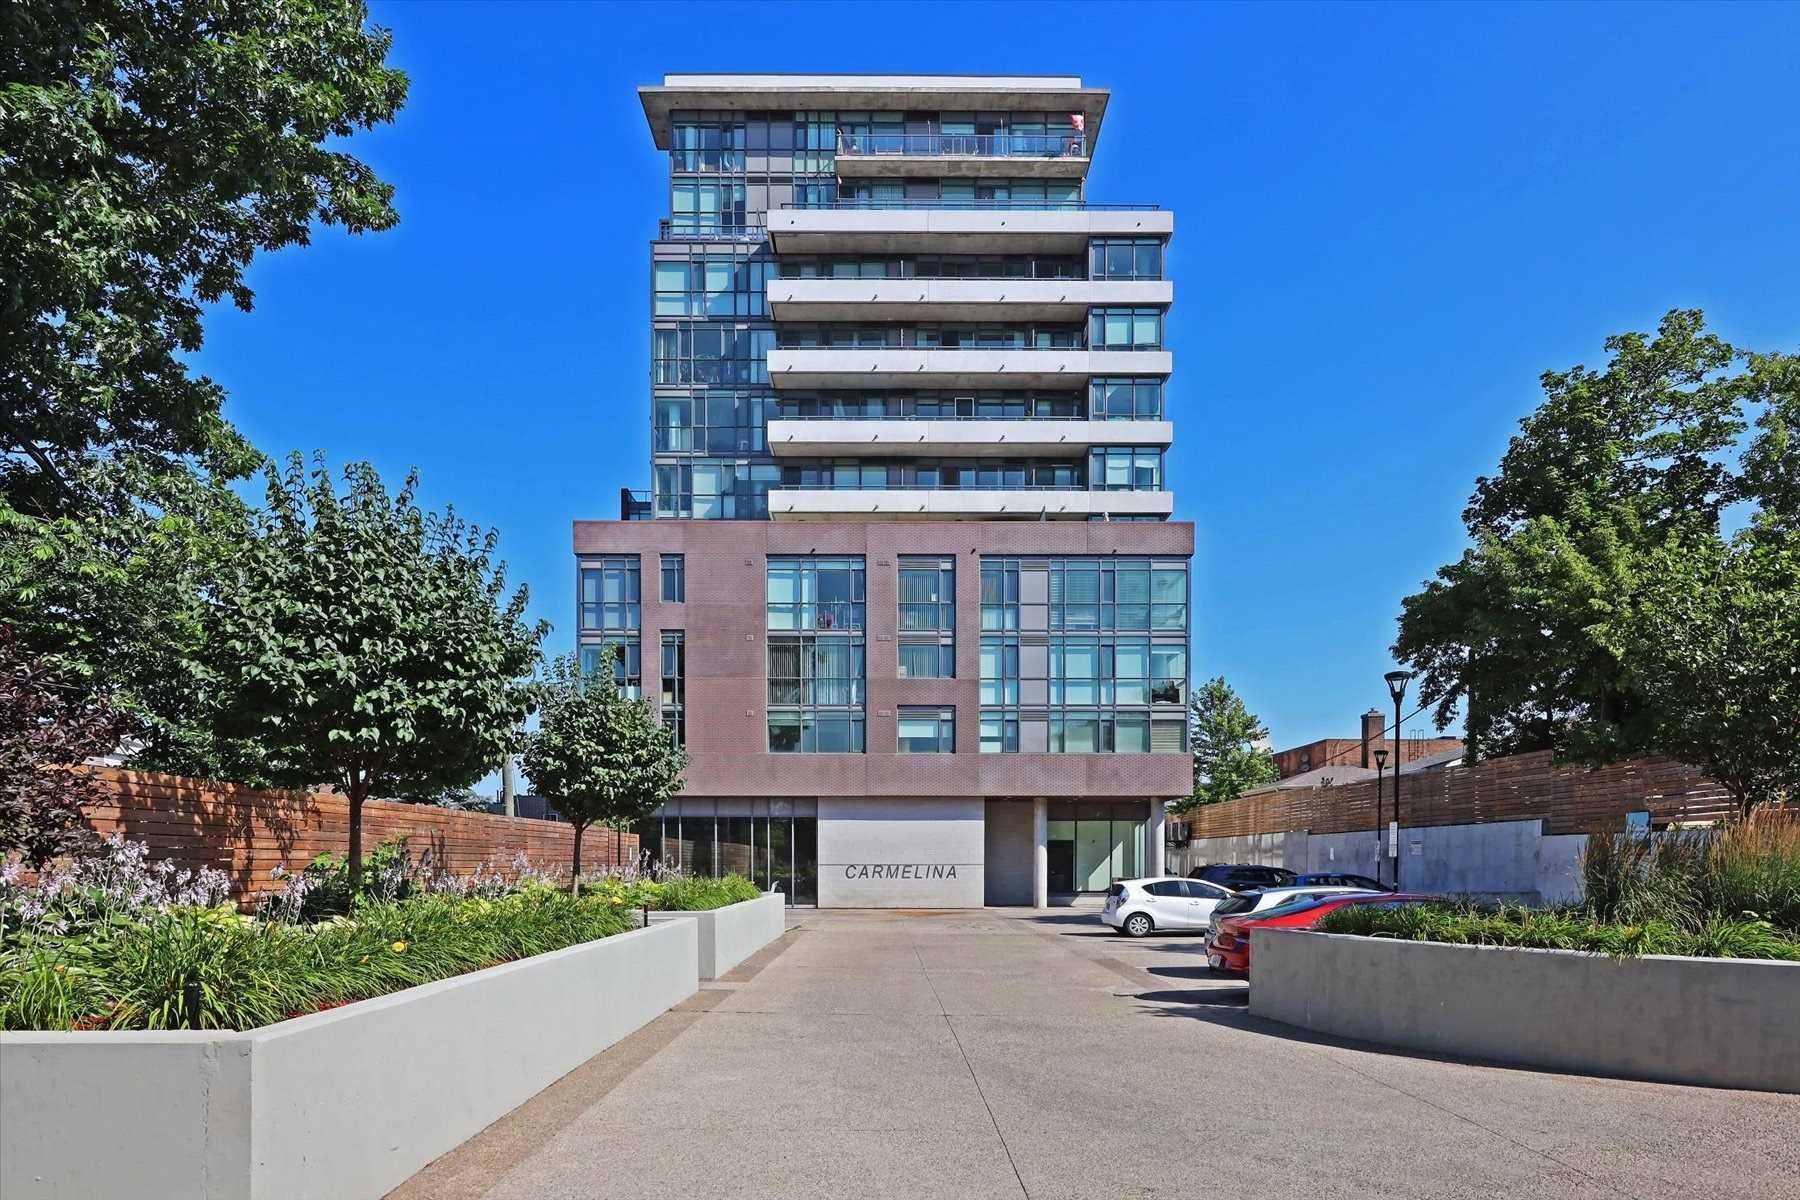 206 - 2055 Danforth Ave - Woodbine Corridor Condo Apt for sale, 2 Bedrooms (E5324951) - #1